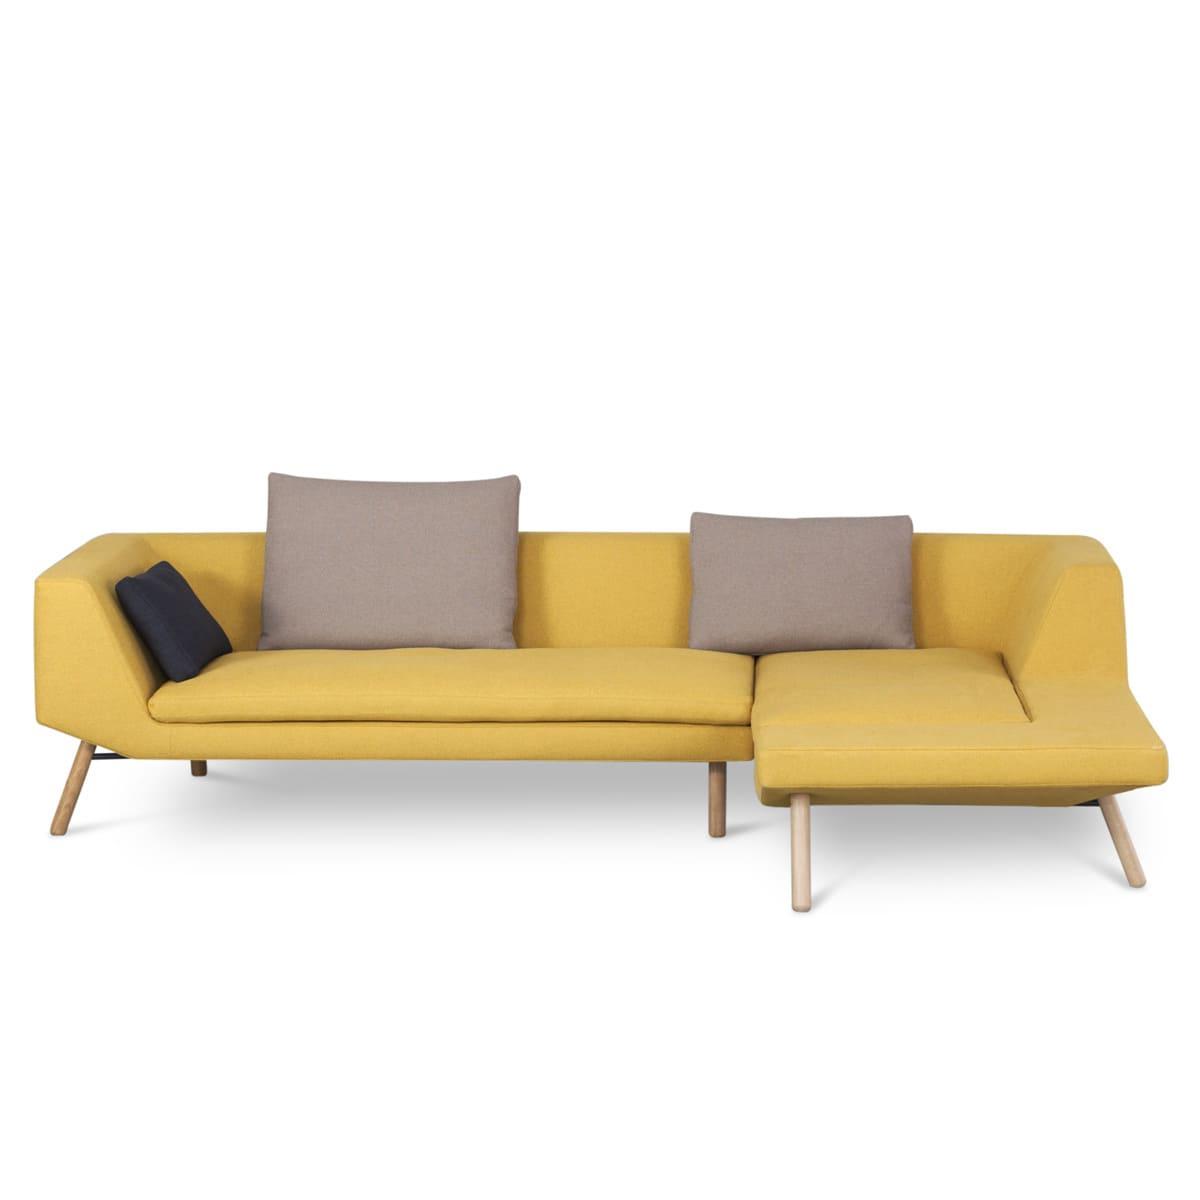 photo de canapé jaune moutarde 4 places d'angle